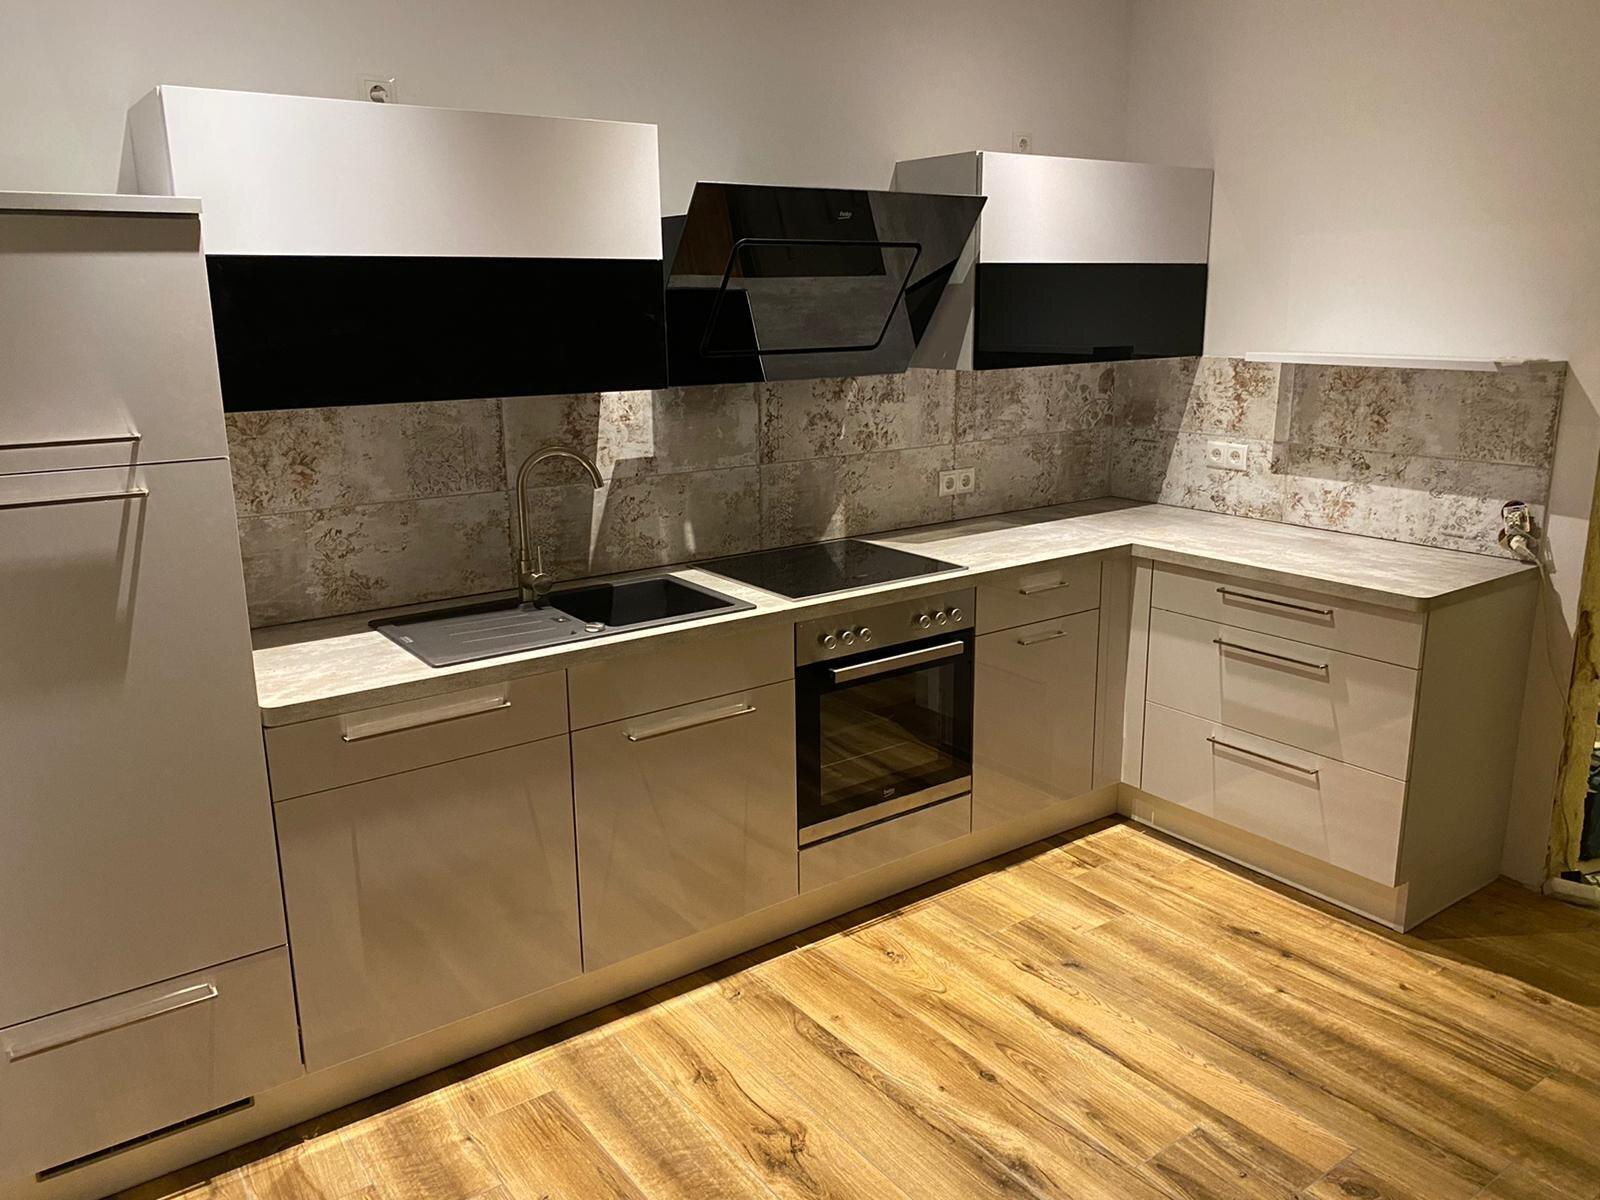 Die Küche, u.a. mit Geschirrspüler